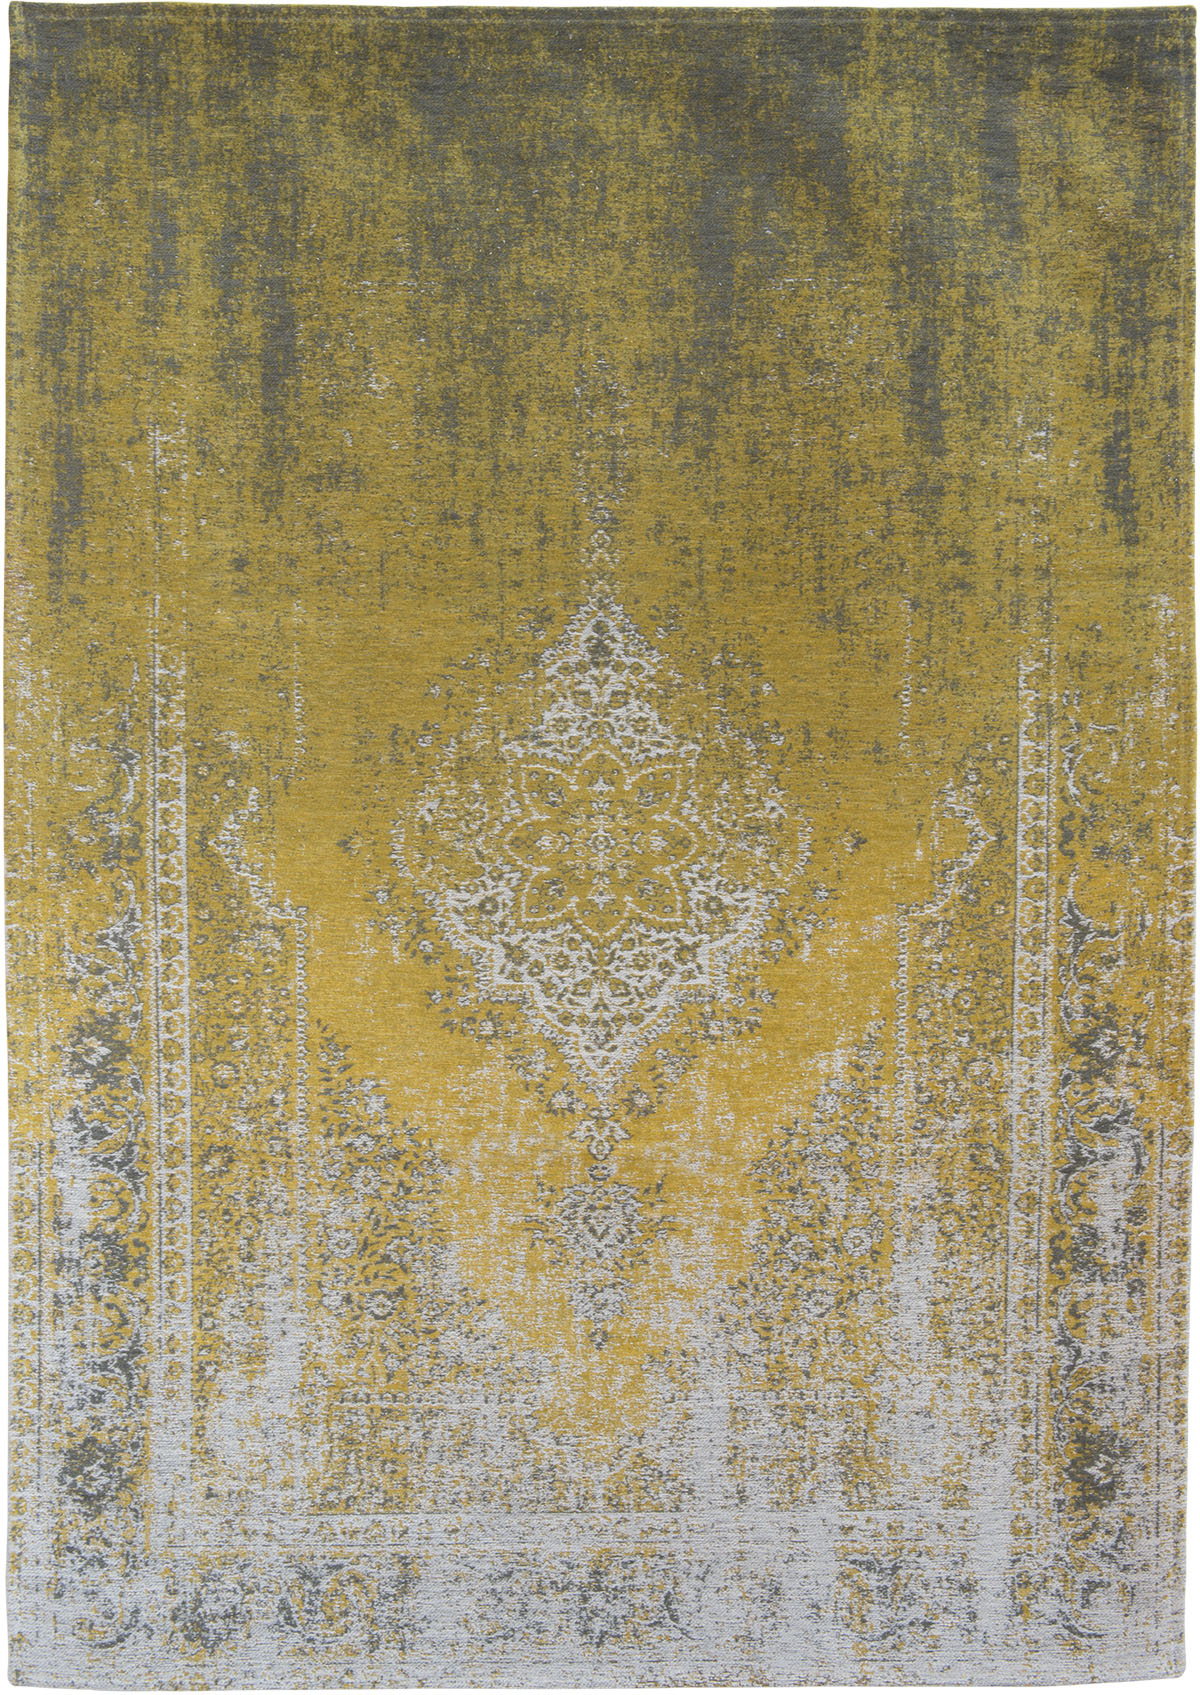 żółty dywan klasyczny - Yuzu Cream 8638